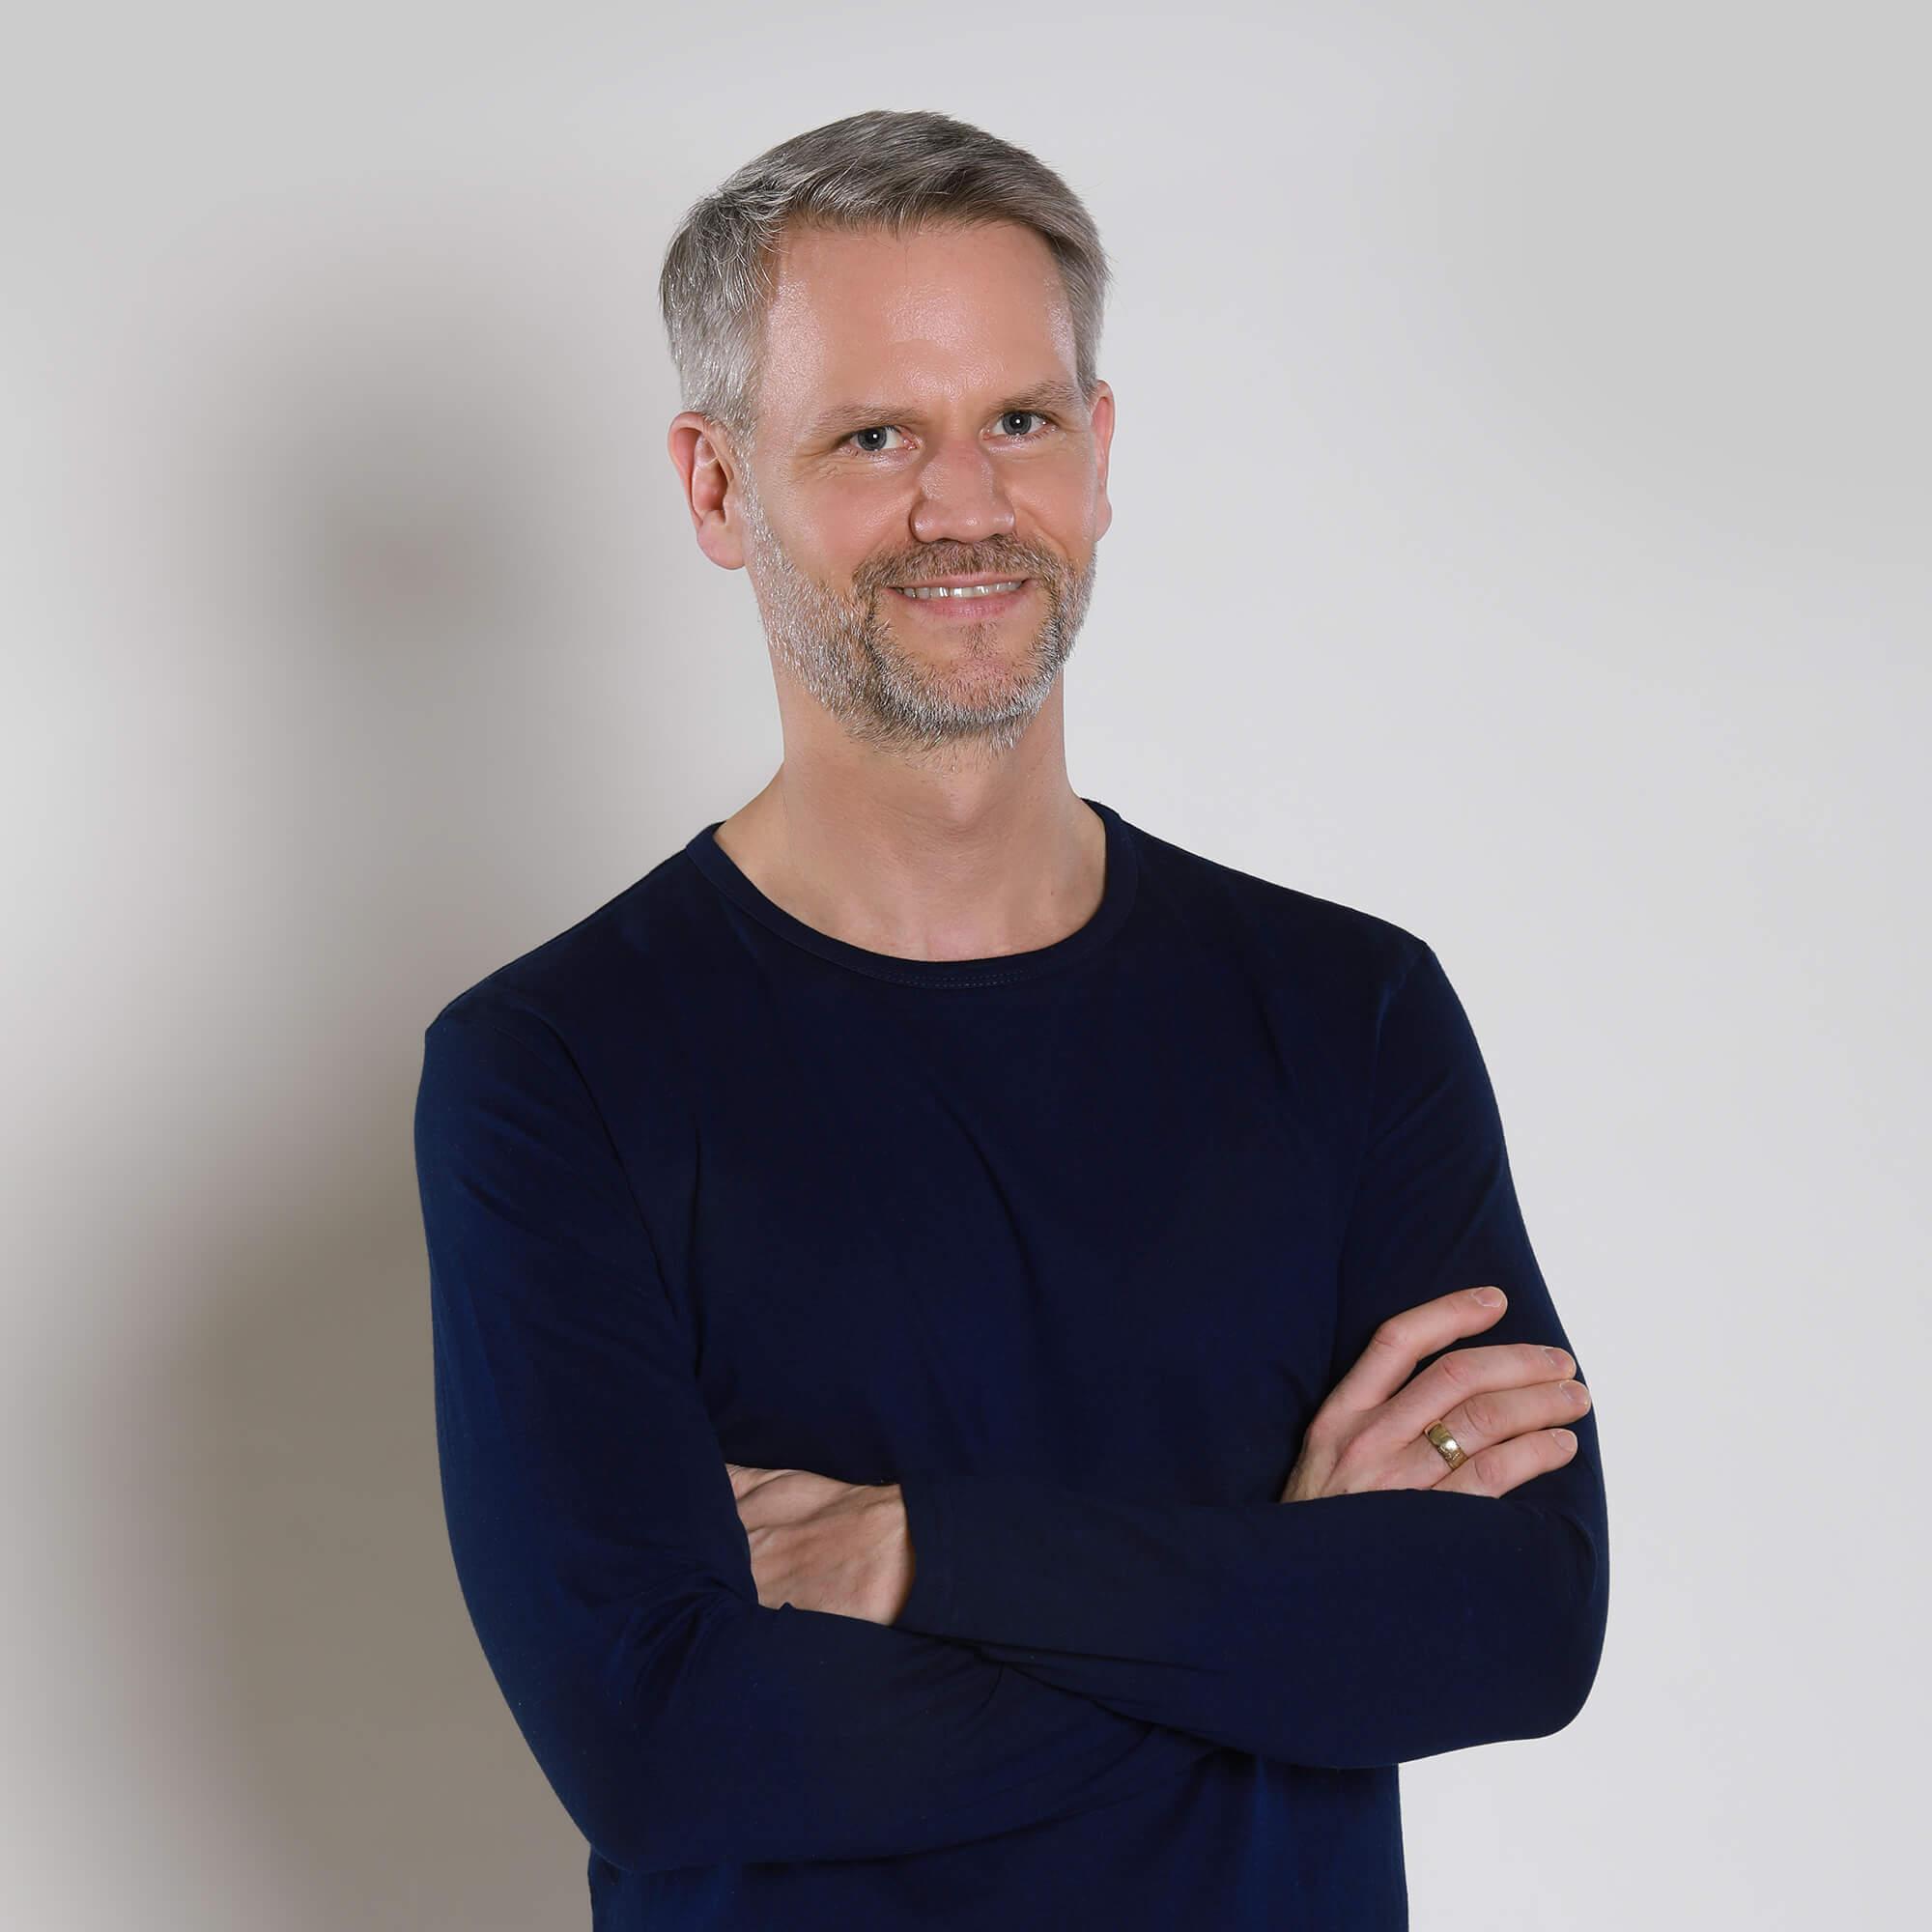 Orthopädie.AufSchalke Patrick Ingelfinger